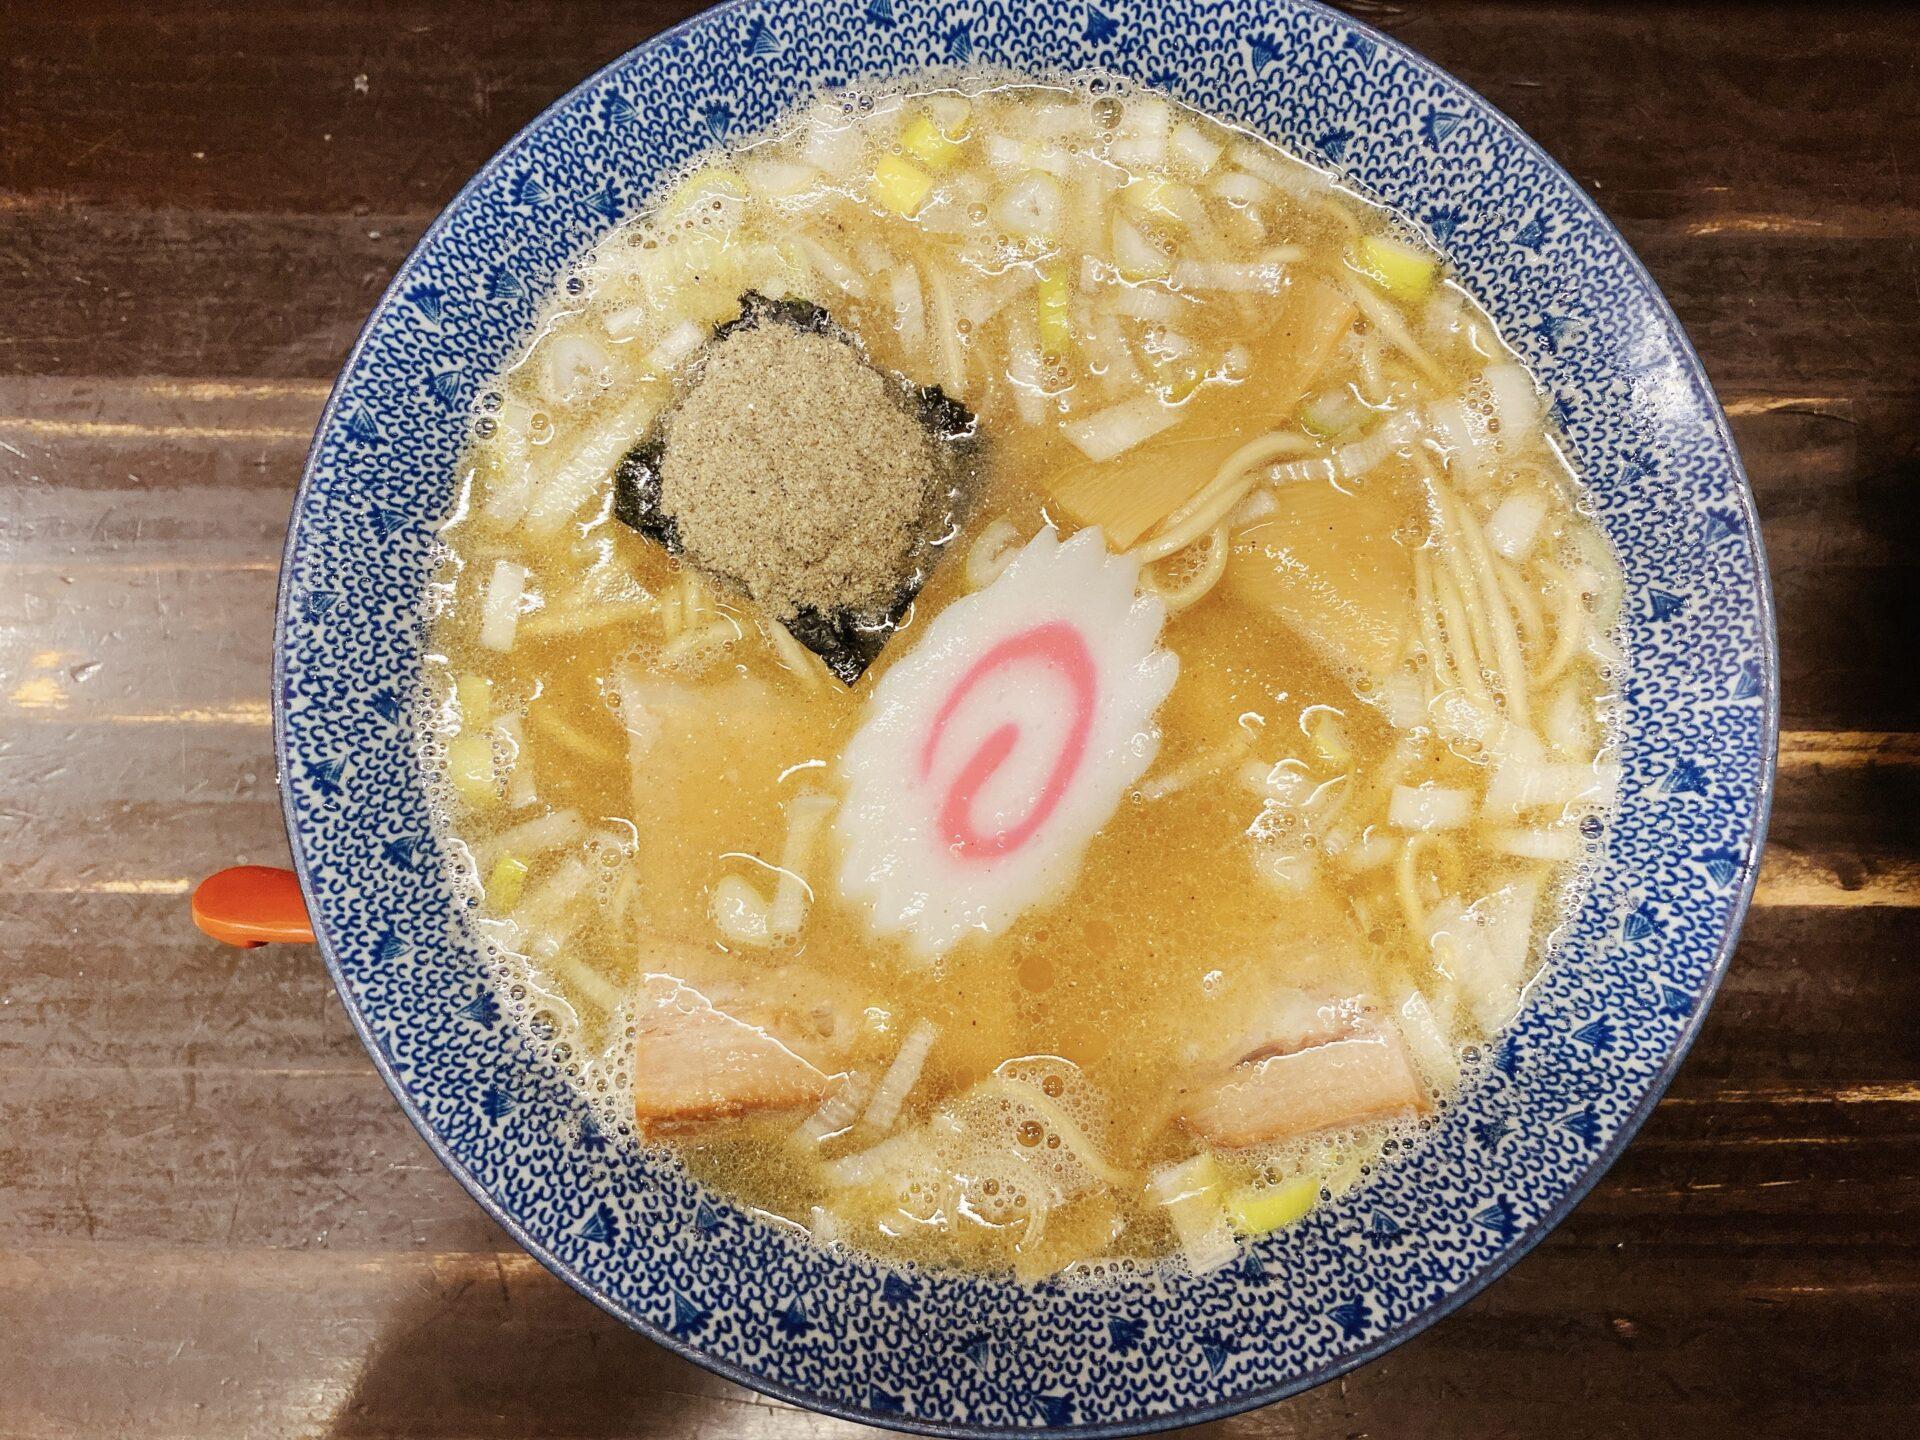 岡山市中区 西川原駅から車で2分【麺屋 べんてん】にぼしそばが麺もスープも美味しくて文句無し!しかし一番人気はつけめん!?